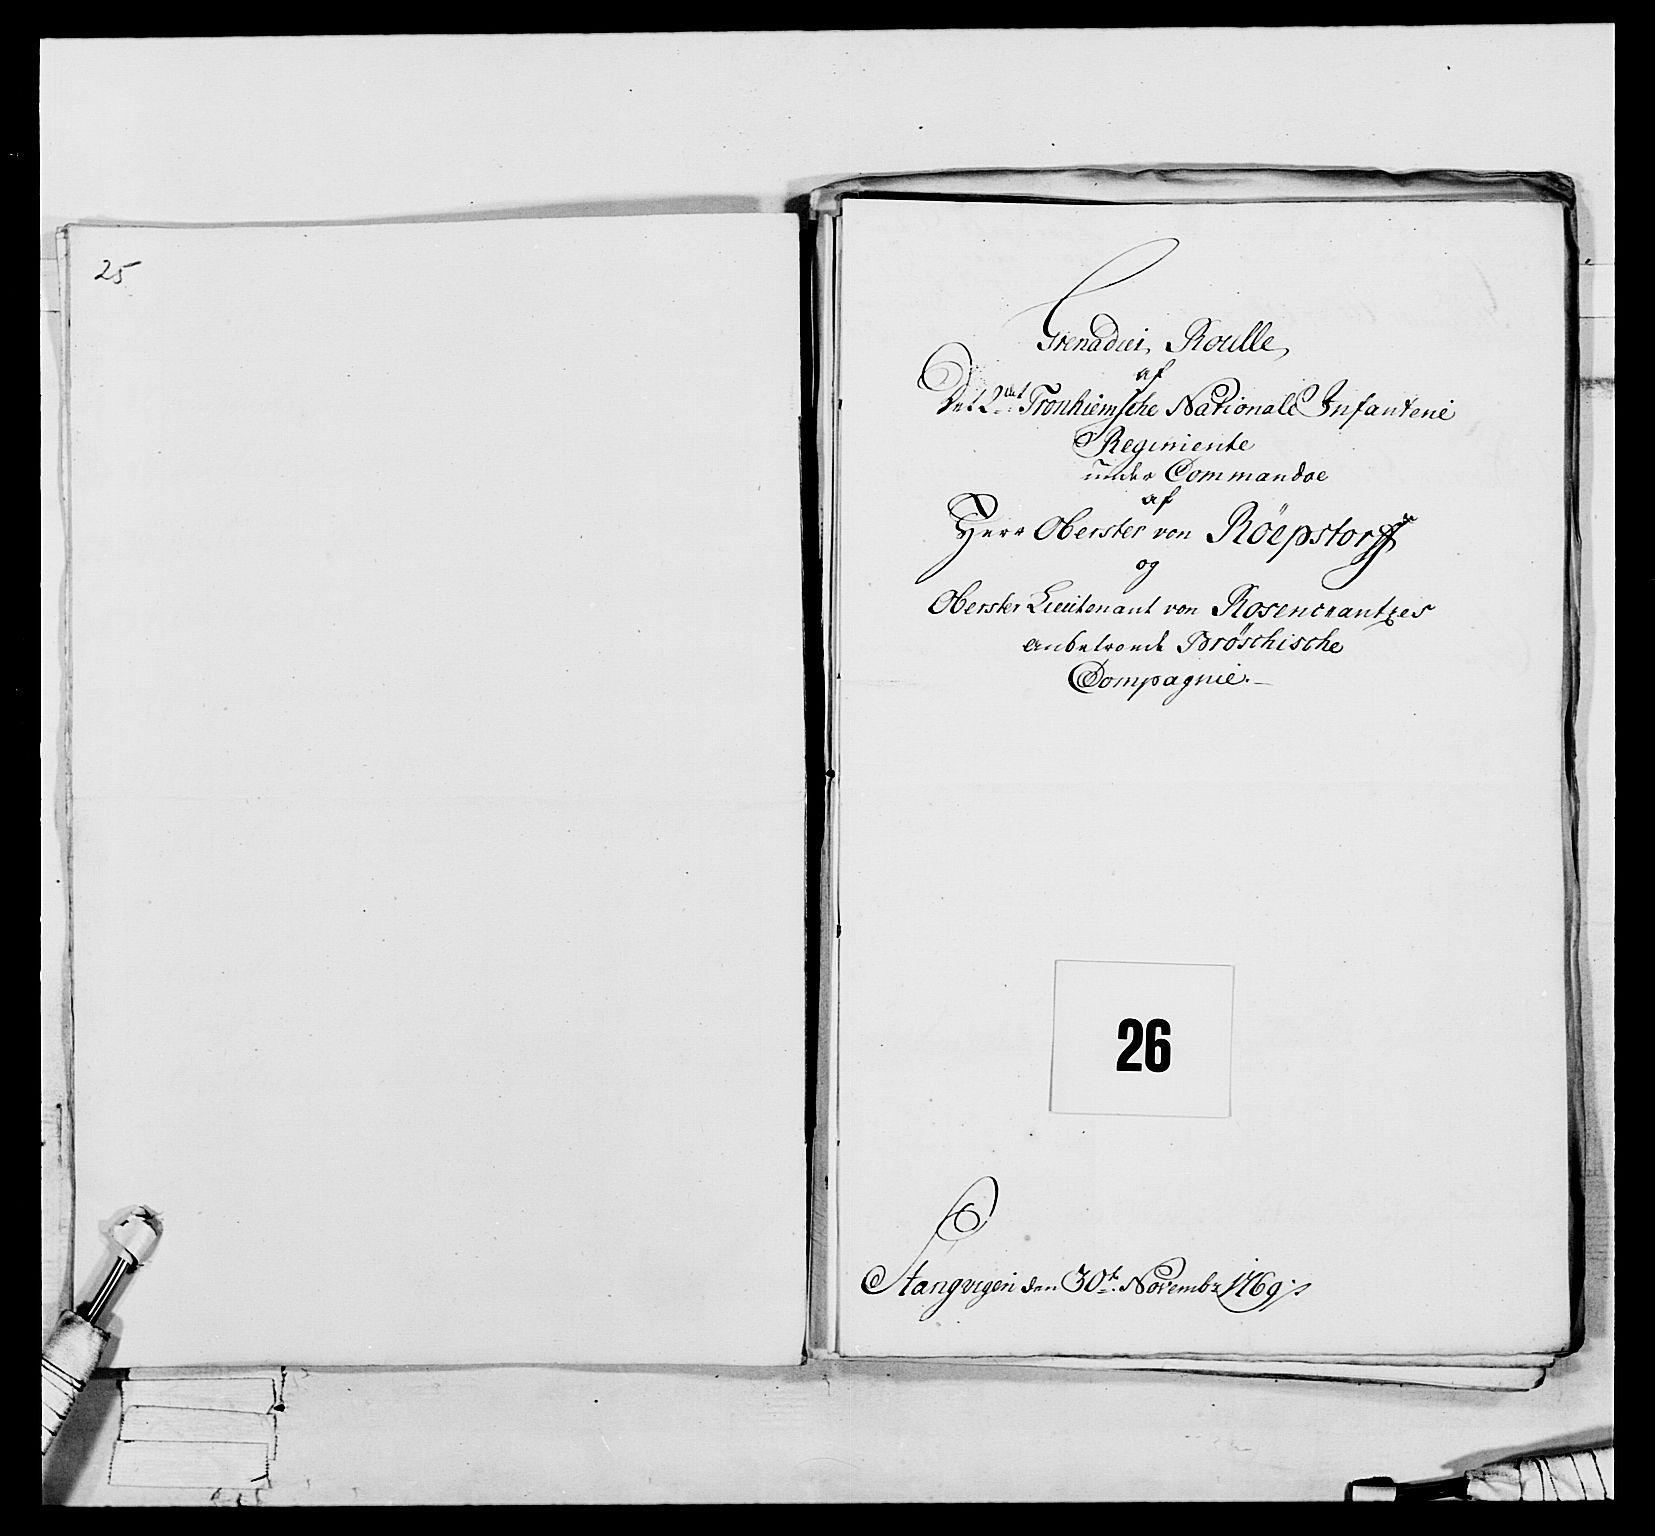 RA, Generalitets- og kommissariatskollegiet, Det kongelige norske kommissariatskollegium, E/Eh/L0076: 2. Trondheimske nasjonale infanteriregiment, 1766-1773, s. 66